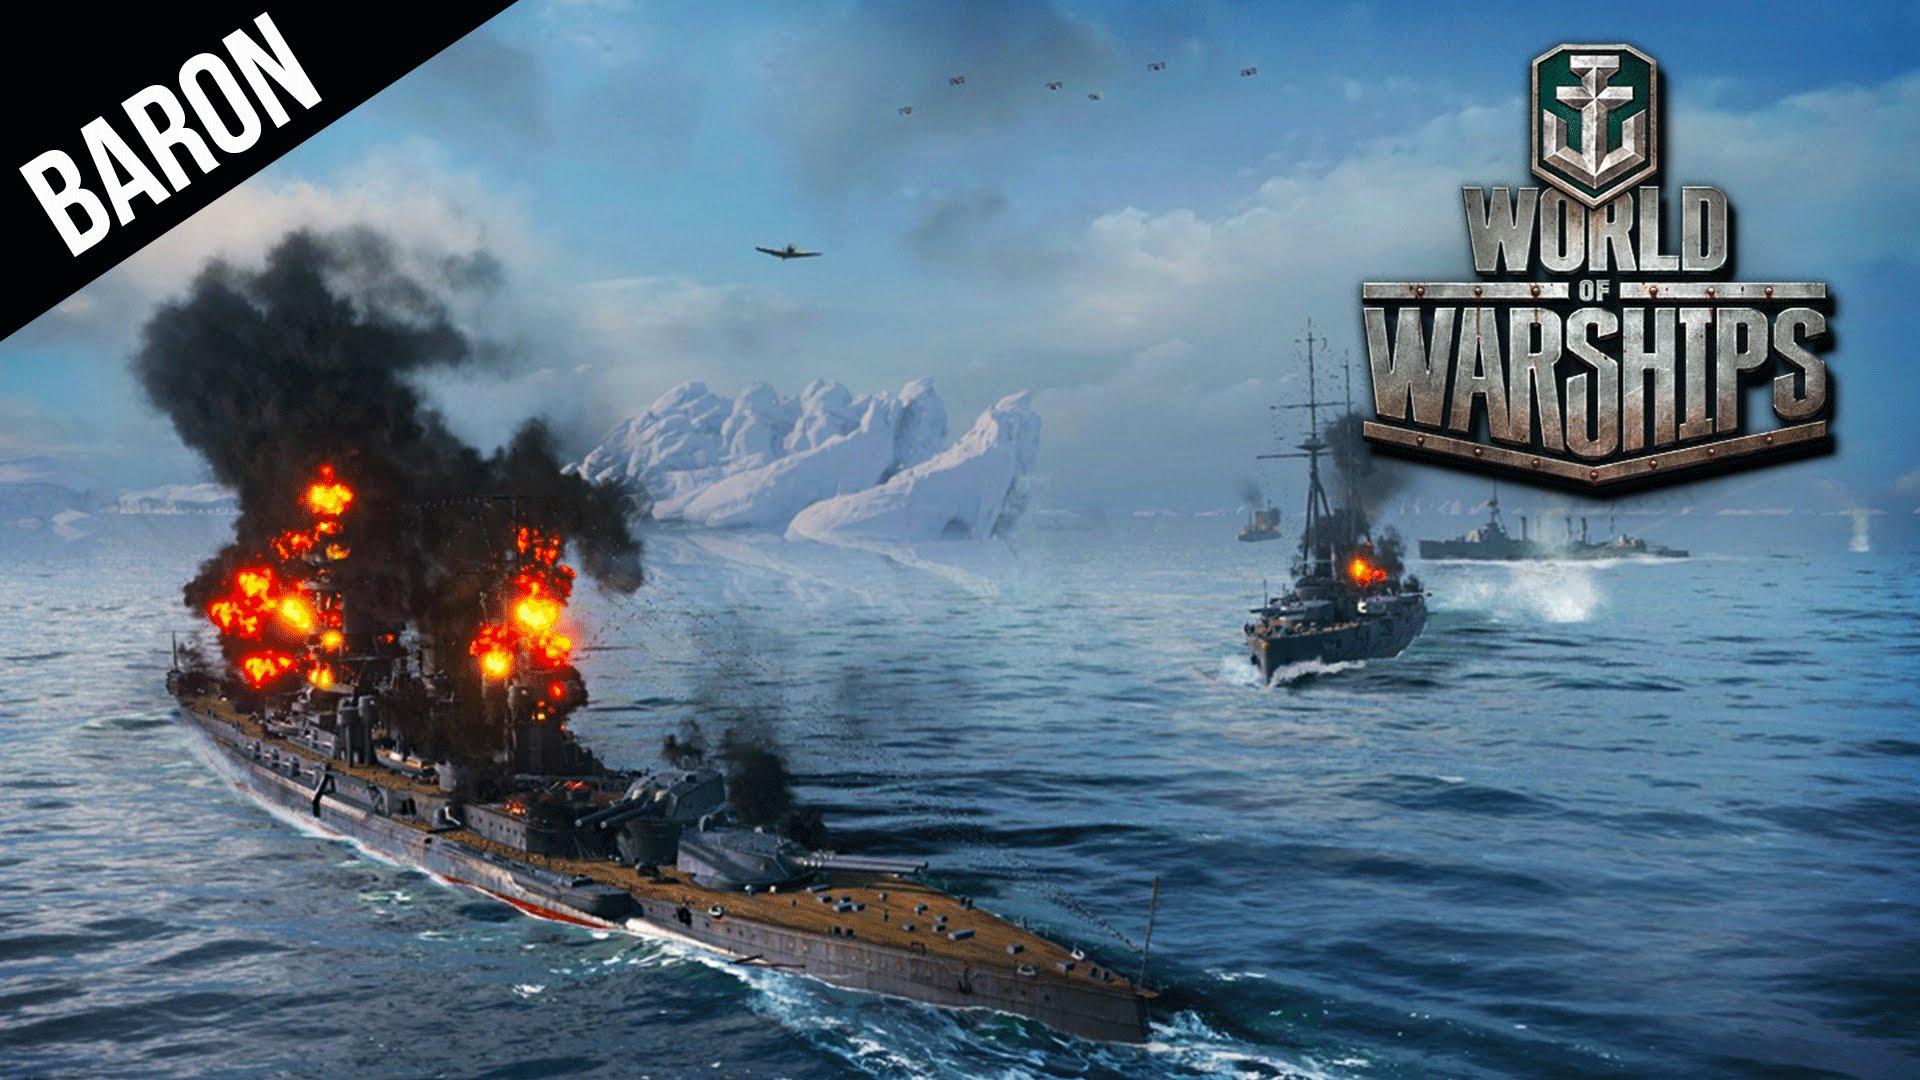 World of warships matchmaking